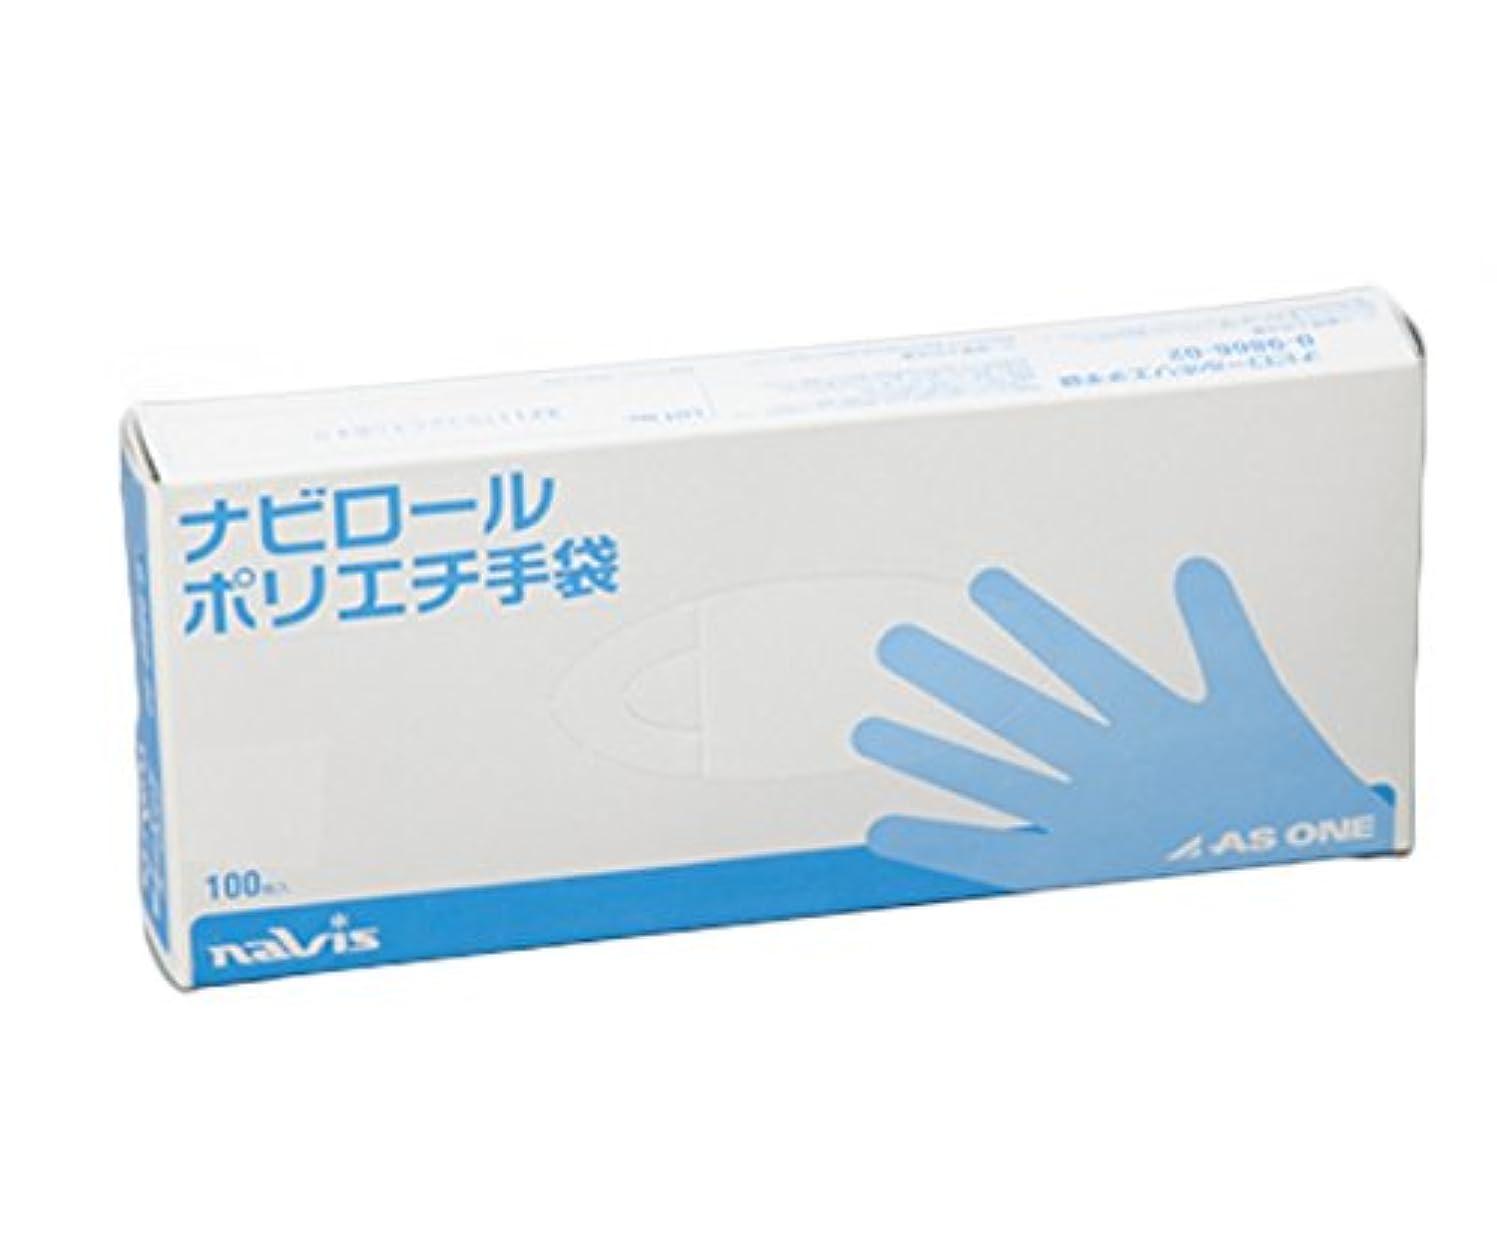 ありふれたかるメニューアズワン ナビロールポリエチ手袋 L 100枚入 /0-9866-01